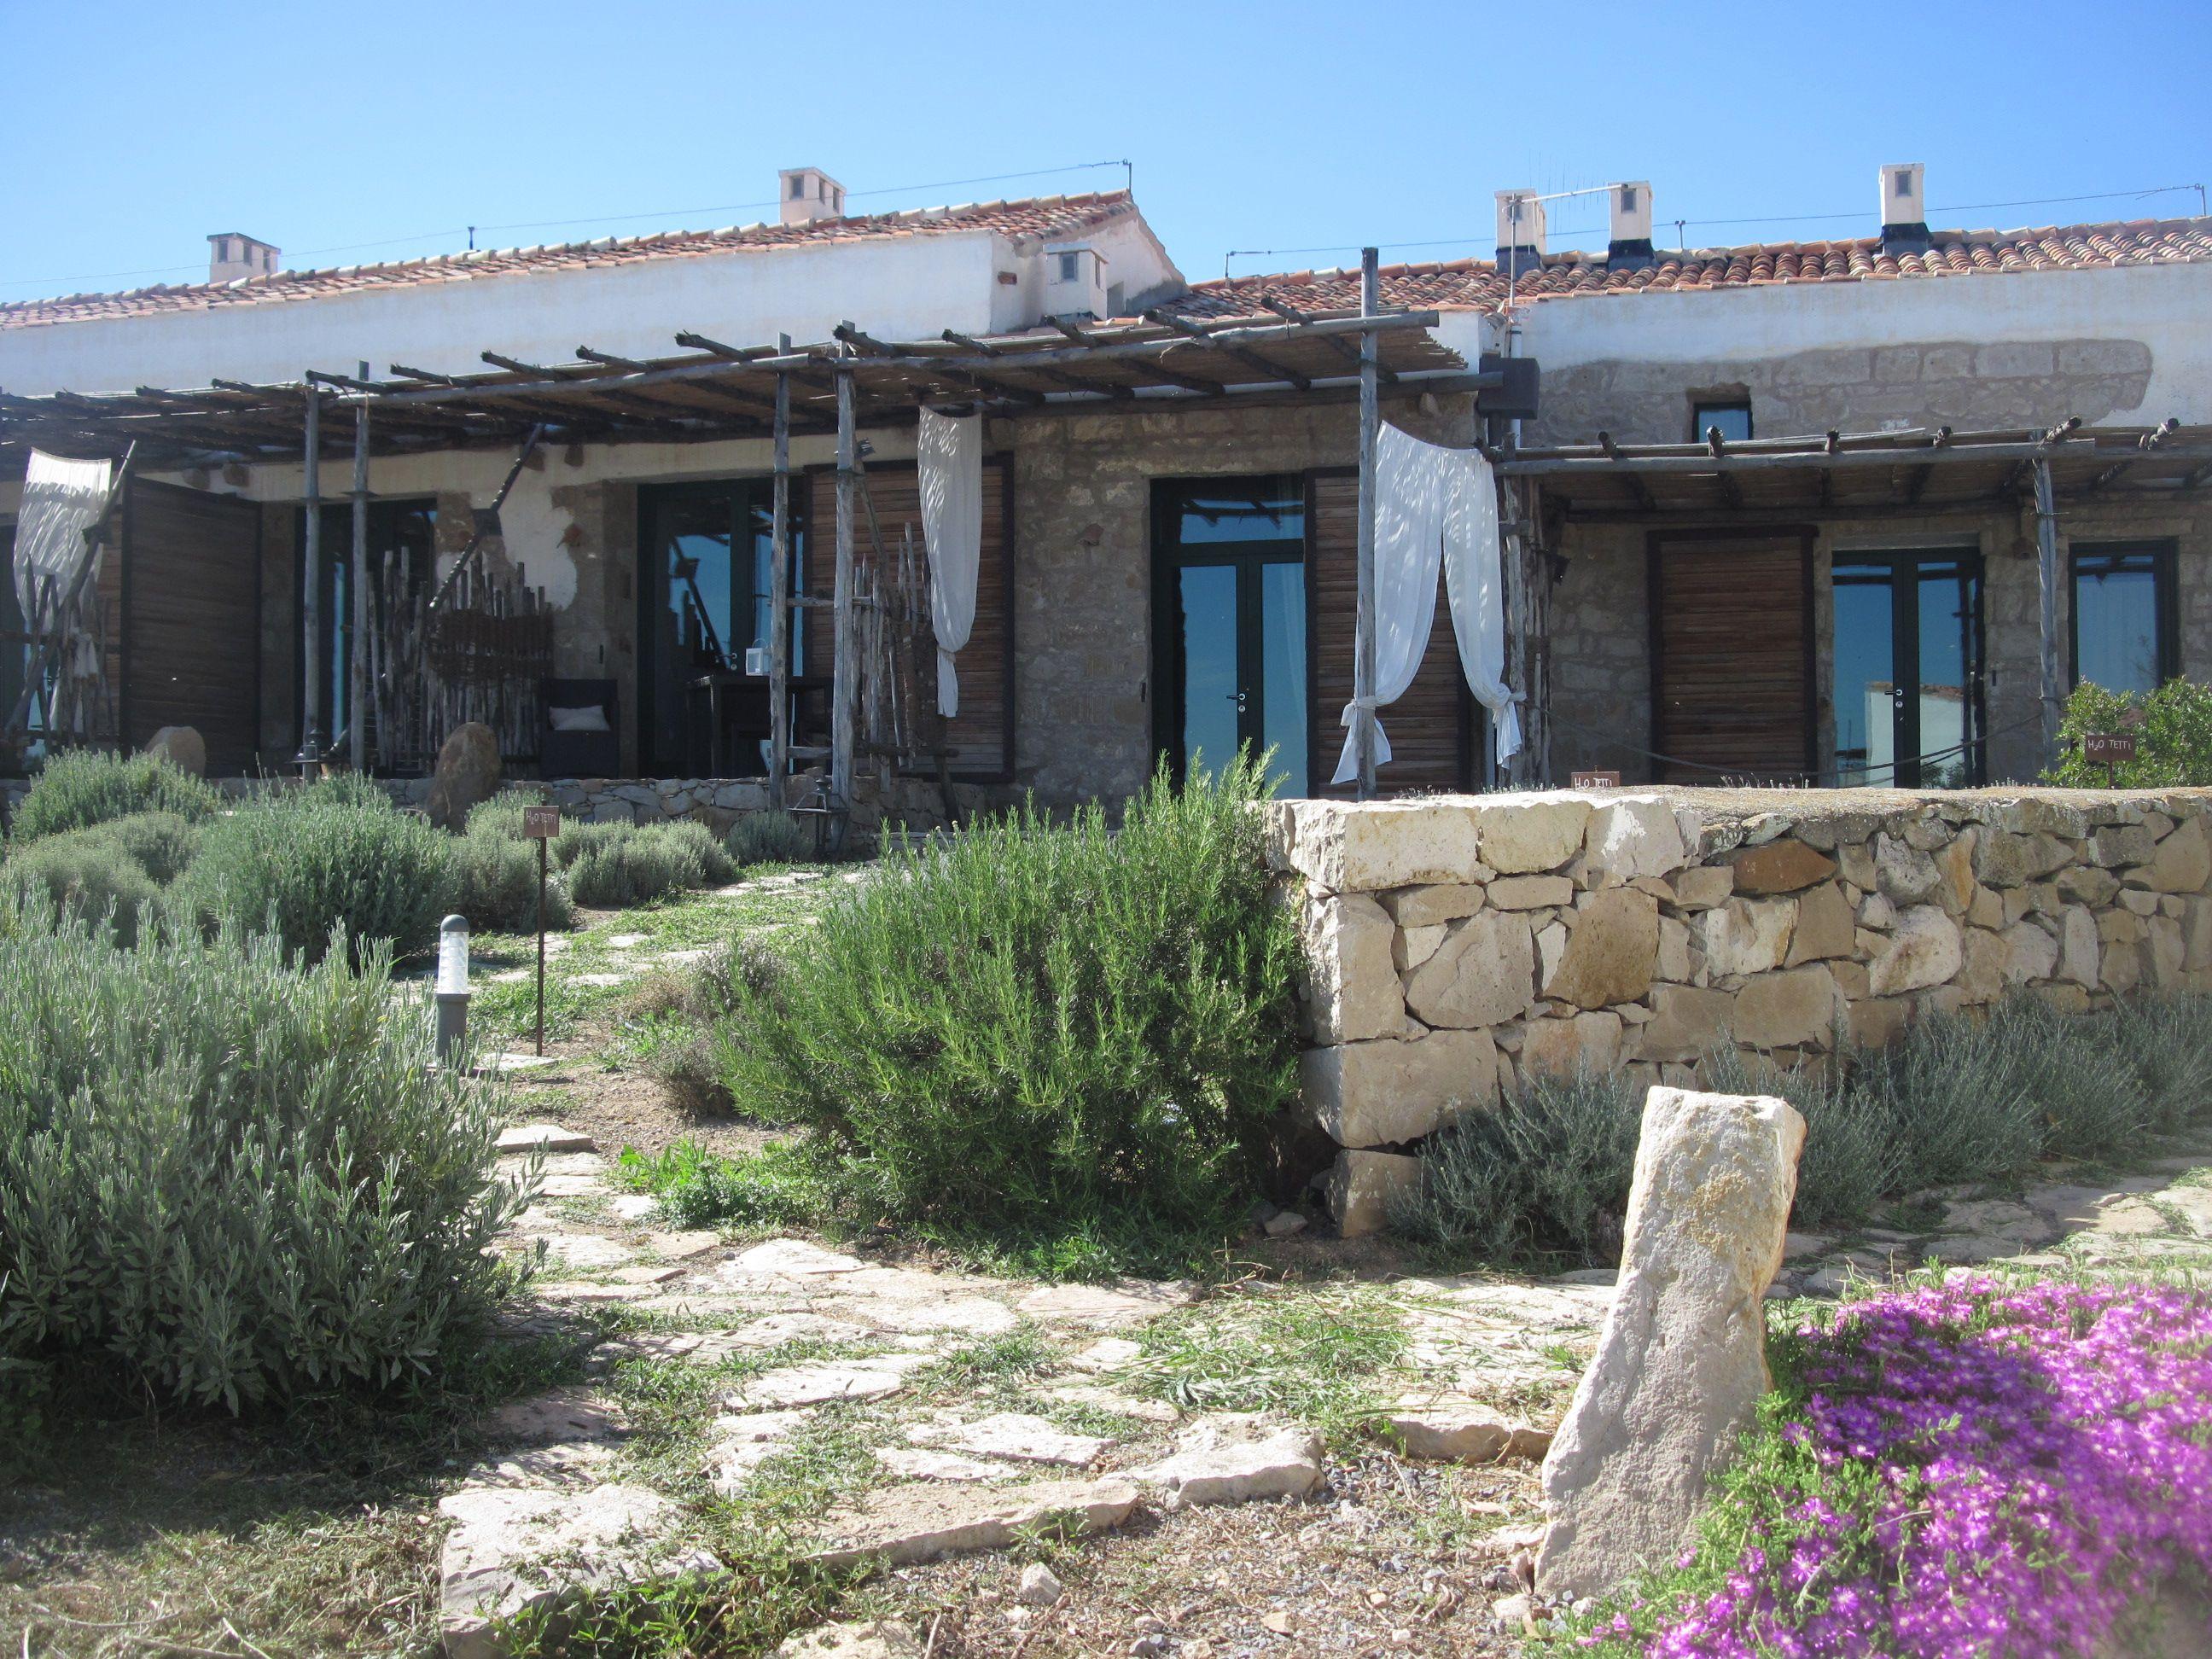 La campagna sul mare..e la vostra casa per le vacanze Countryside on the Sea... your holiday house